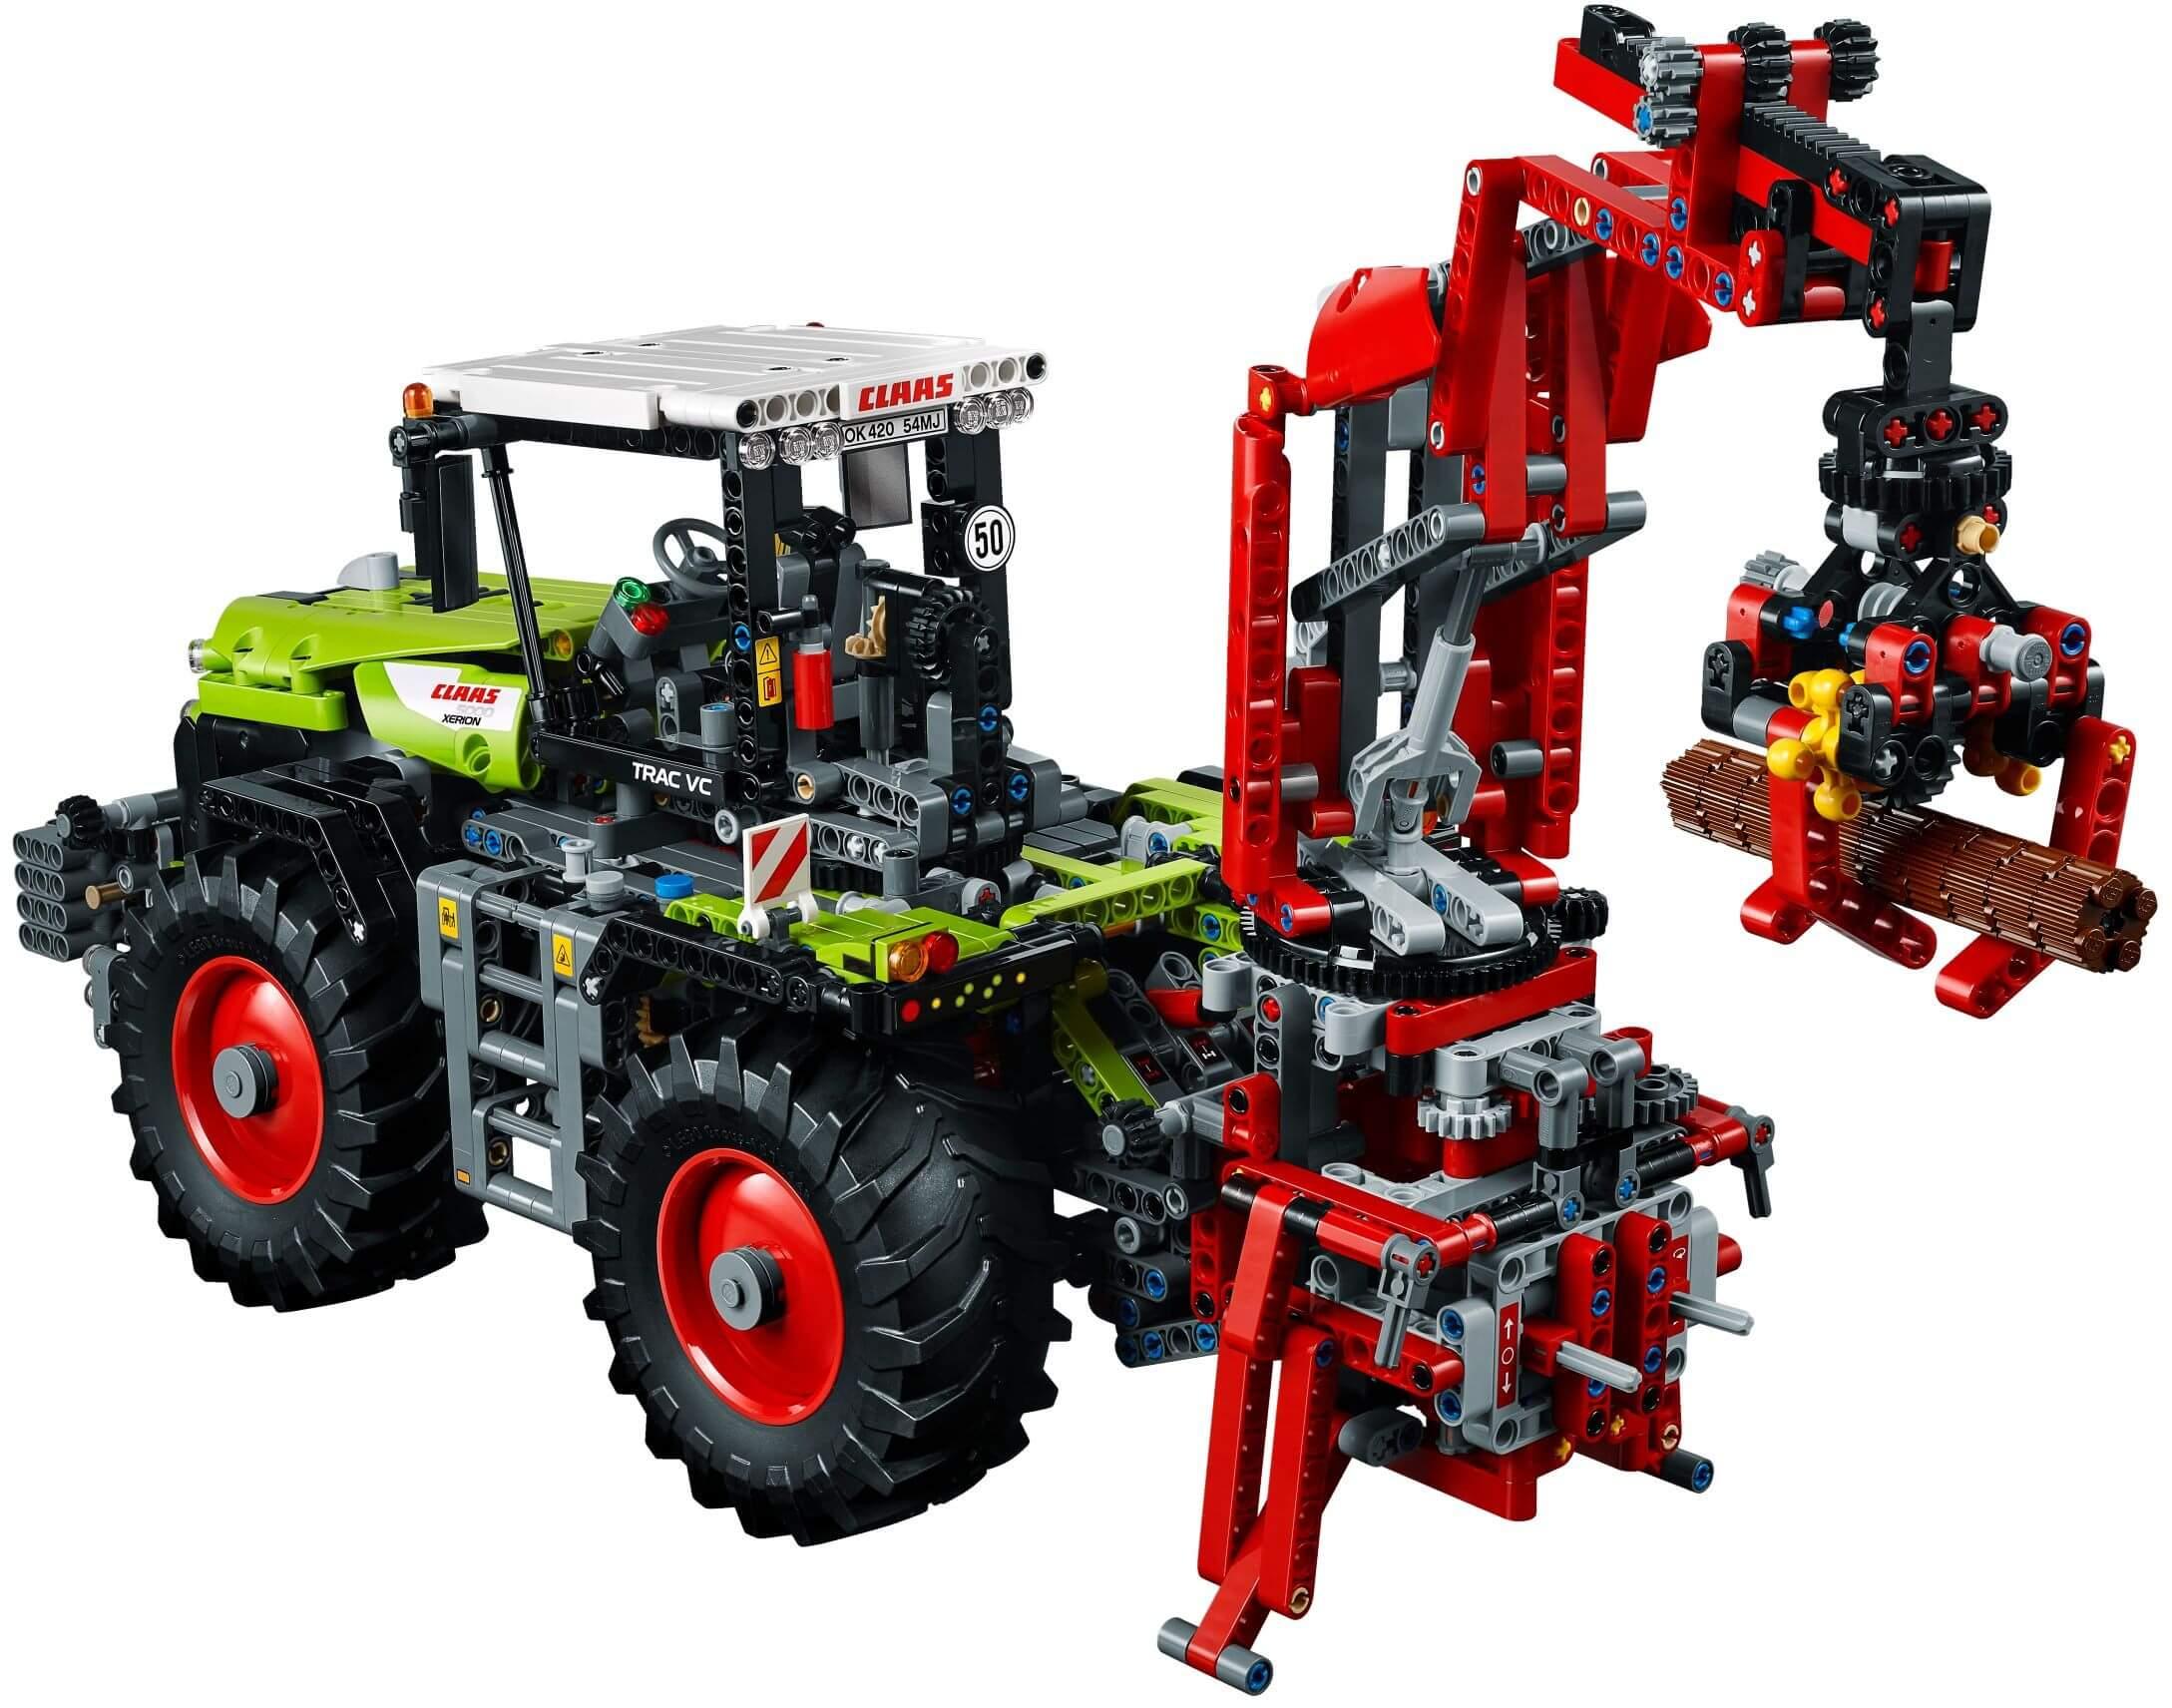 Mua đồ chơi LEGO 42054 - LEGO Technic 42054 - Đầu Máy Nông Nghiệp Claas Xerion 5000 Trac Vc (LEGO Technic Claas Xerion 5000 Trac Vc 42054)